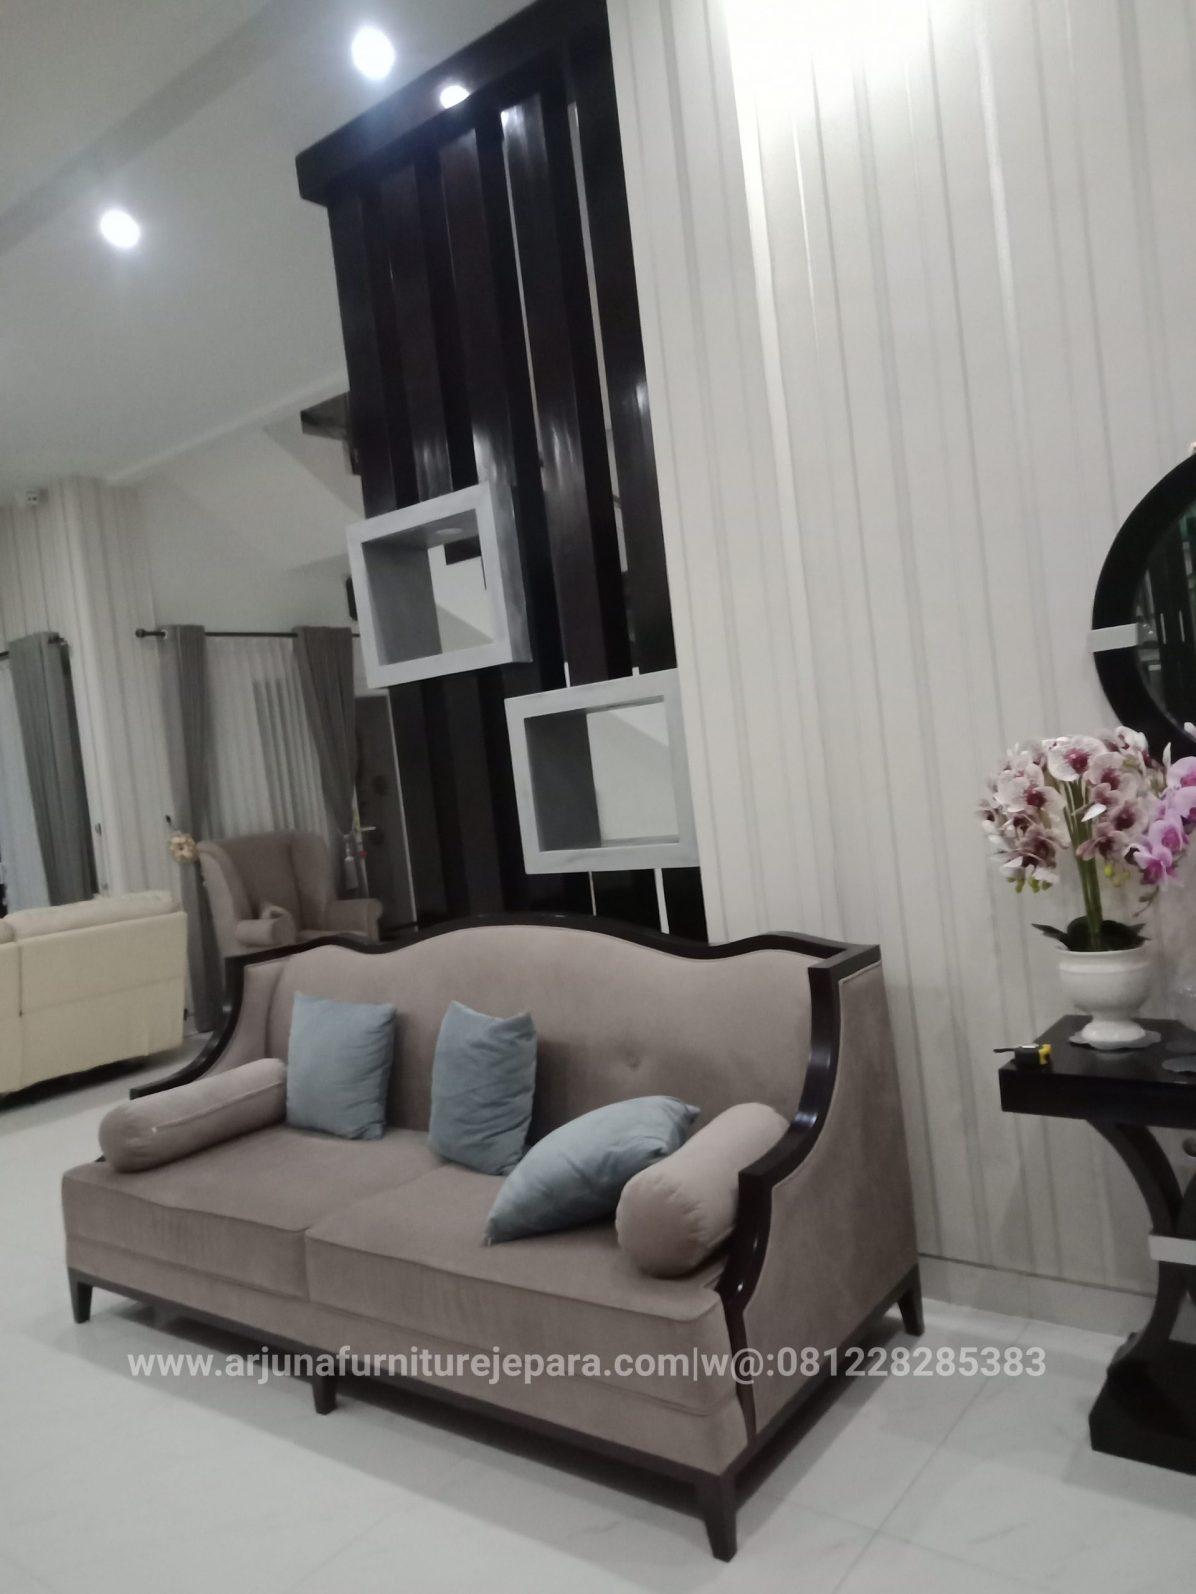 Sofa Ruang Keluarga Sofa Santai Minimalis Classic Murah